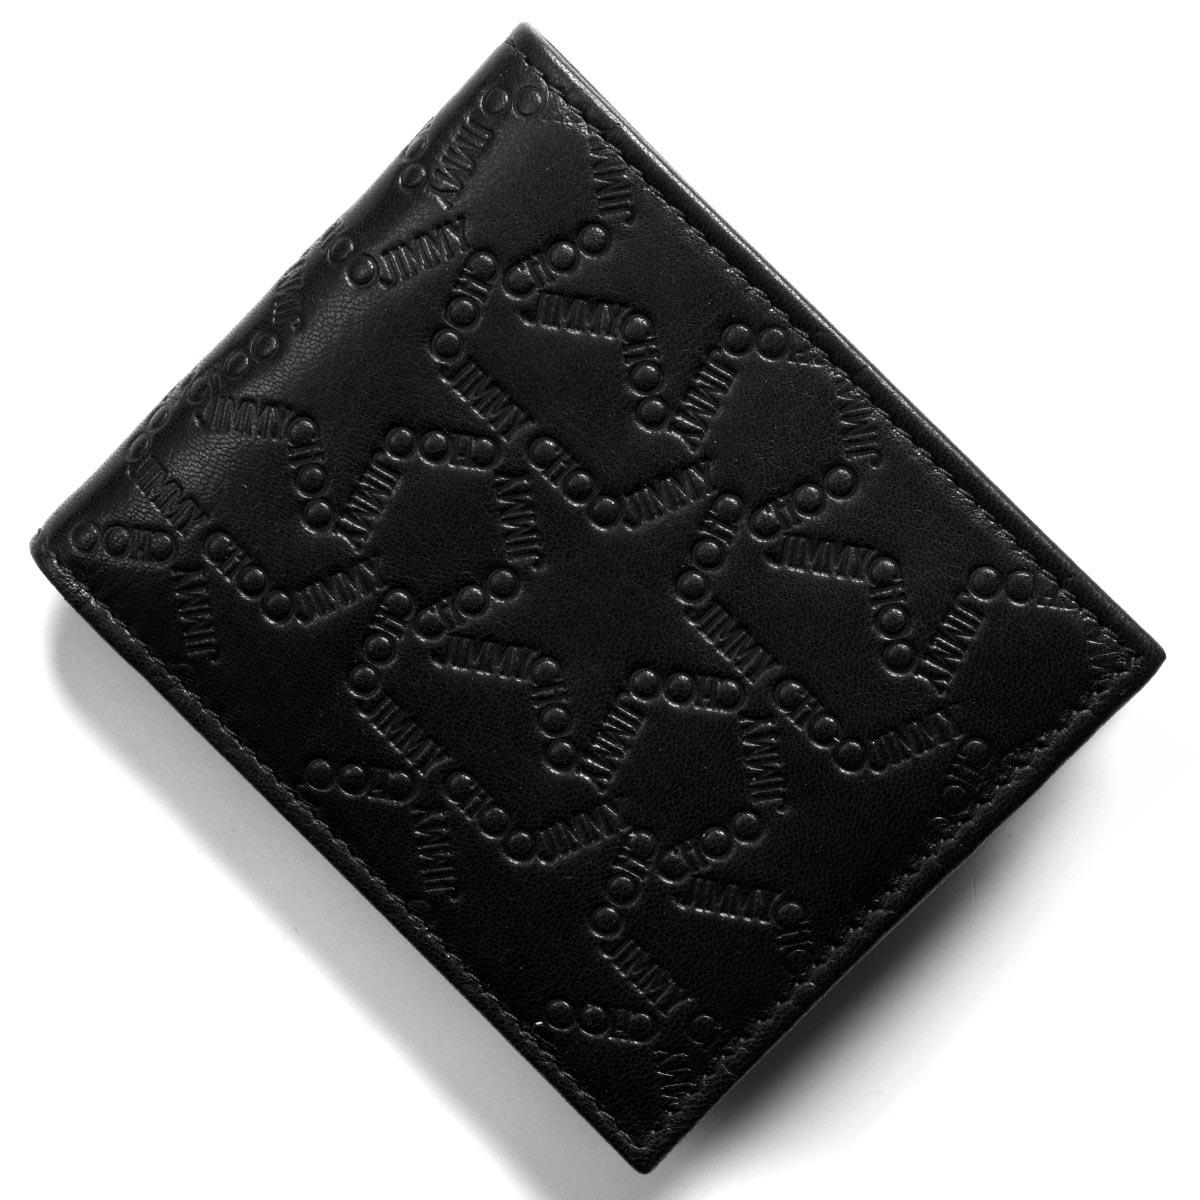 2427284e59b0 ... 円OFFクーポン対象 | ジミーチュウ 二つ折り財布 | 札入れ | 財布 メンズ レディース マーク エンボスド スター ロゴ ブラック  MARK EJL 183 BLACK JIMMY CHOO